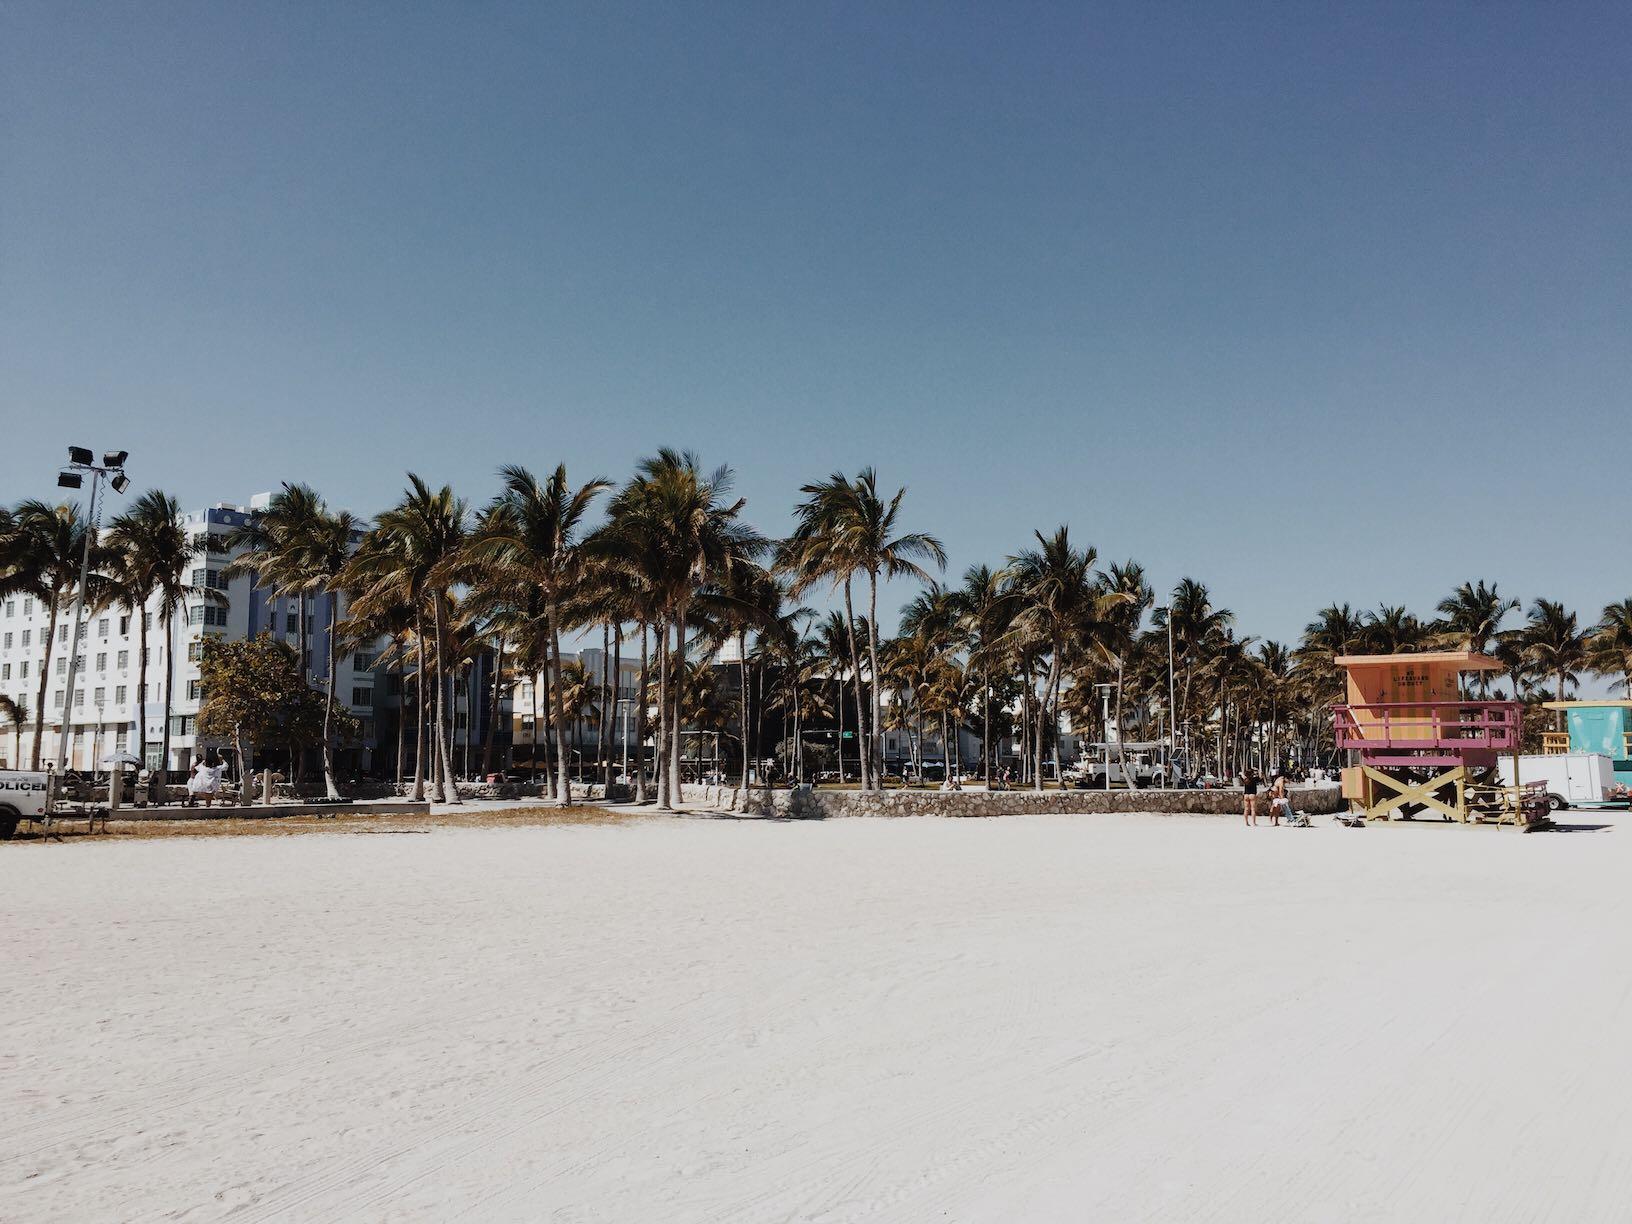 The Weekly Getaway: Spring Break in Miami